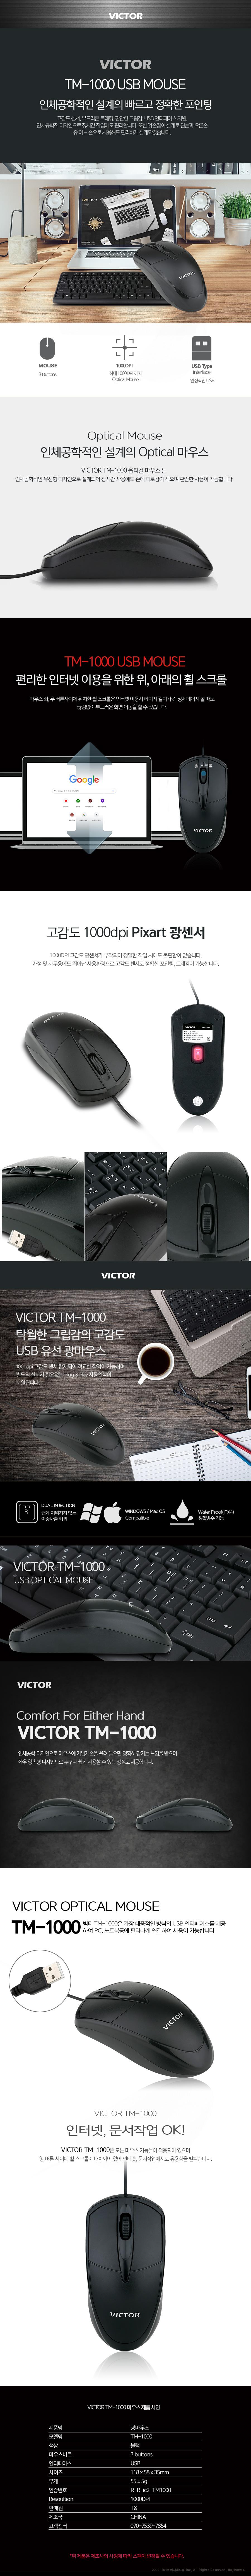 티엔아이 VICTOR TM-1000 USB 마우스